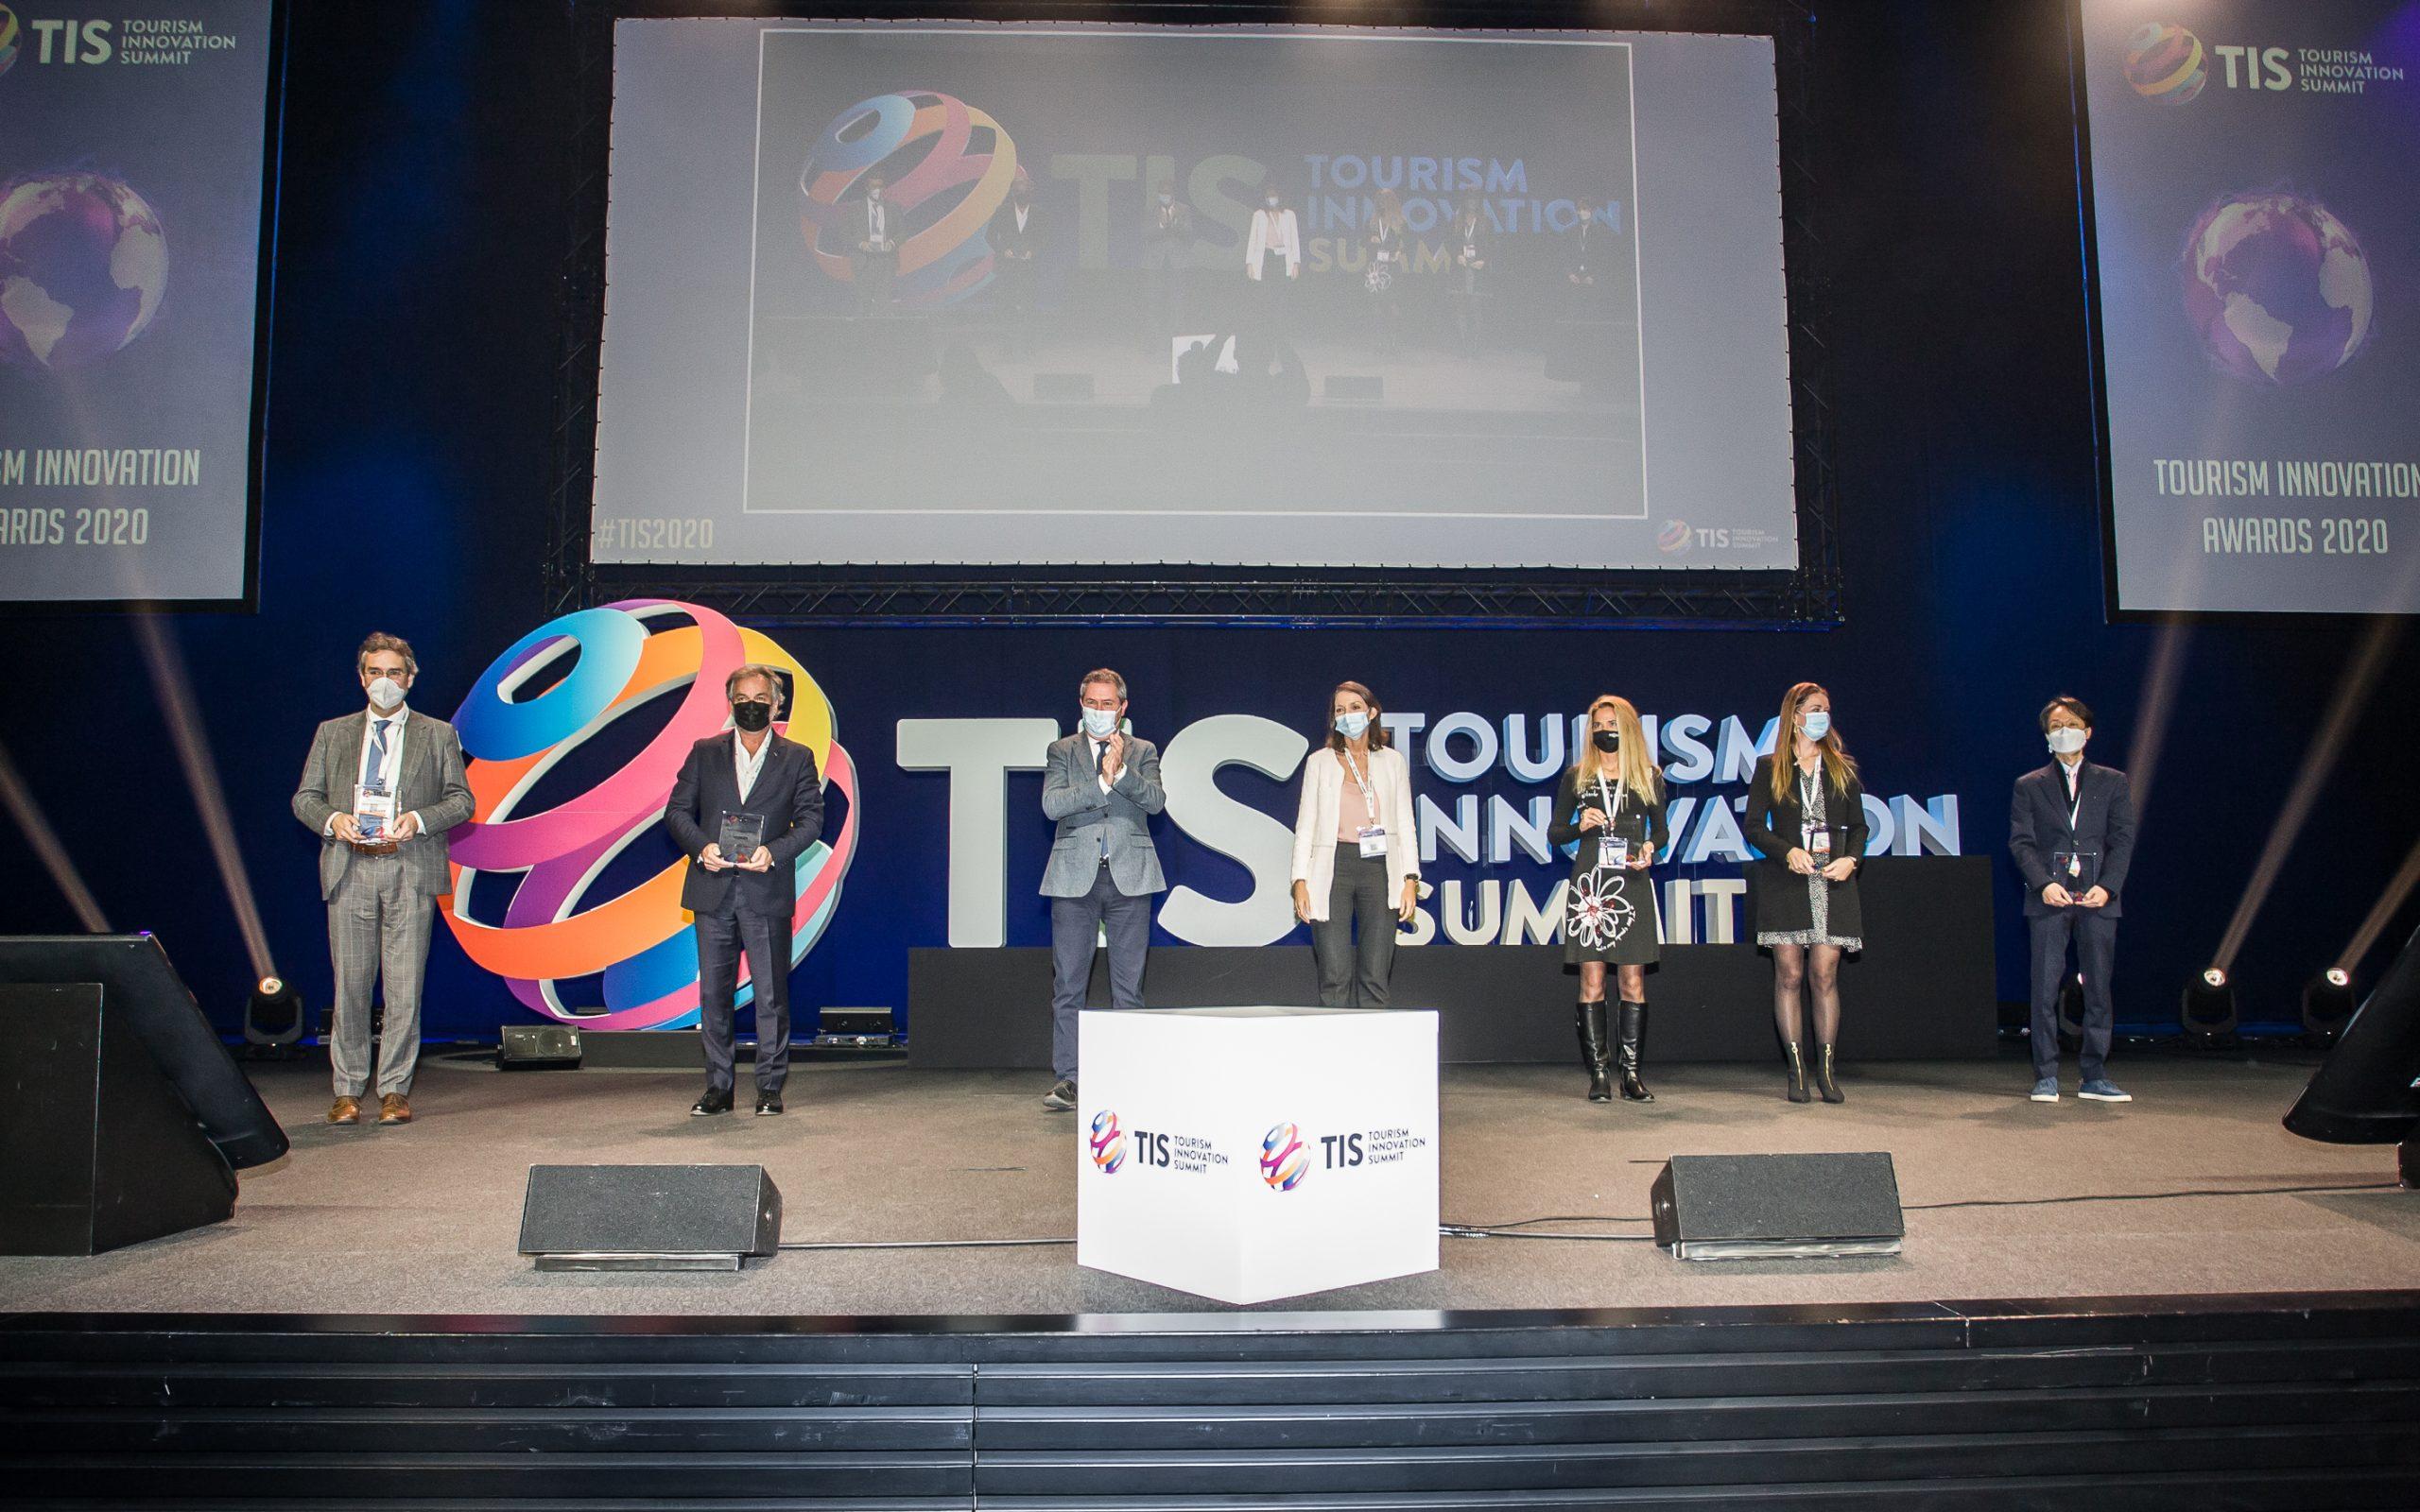 TIS premia la apuesta por la digitalización, la experiencia, la innovación y la sostenibilidad en el sector turístico en los Tourism Innovation Awards 2021